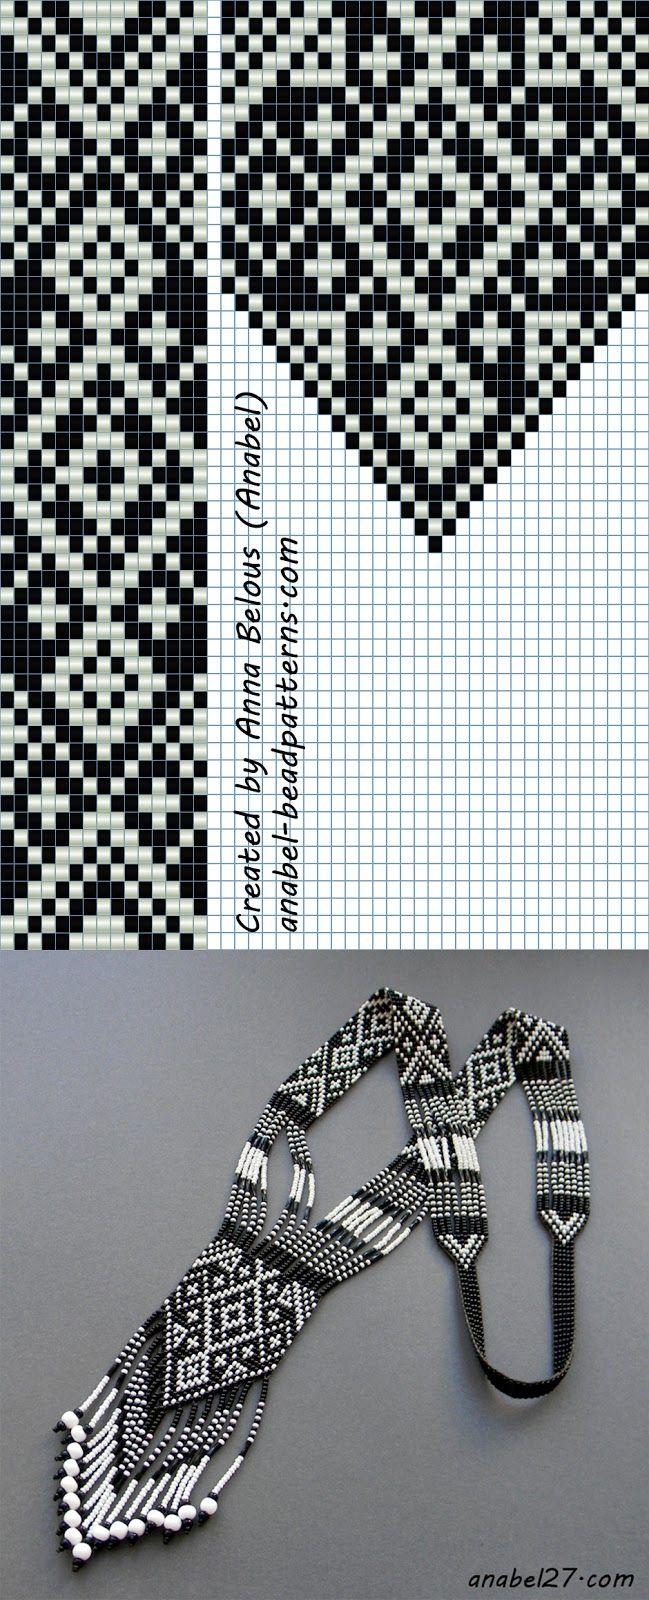 Схема черно-белого гердана